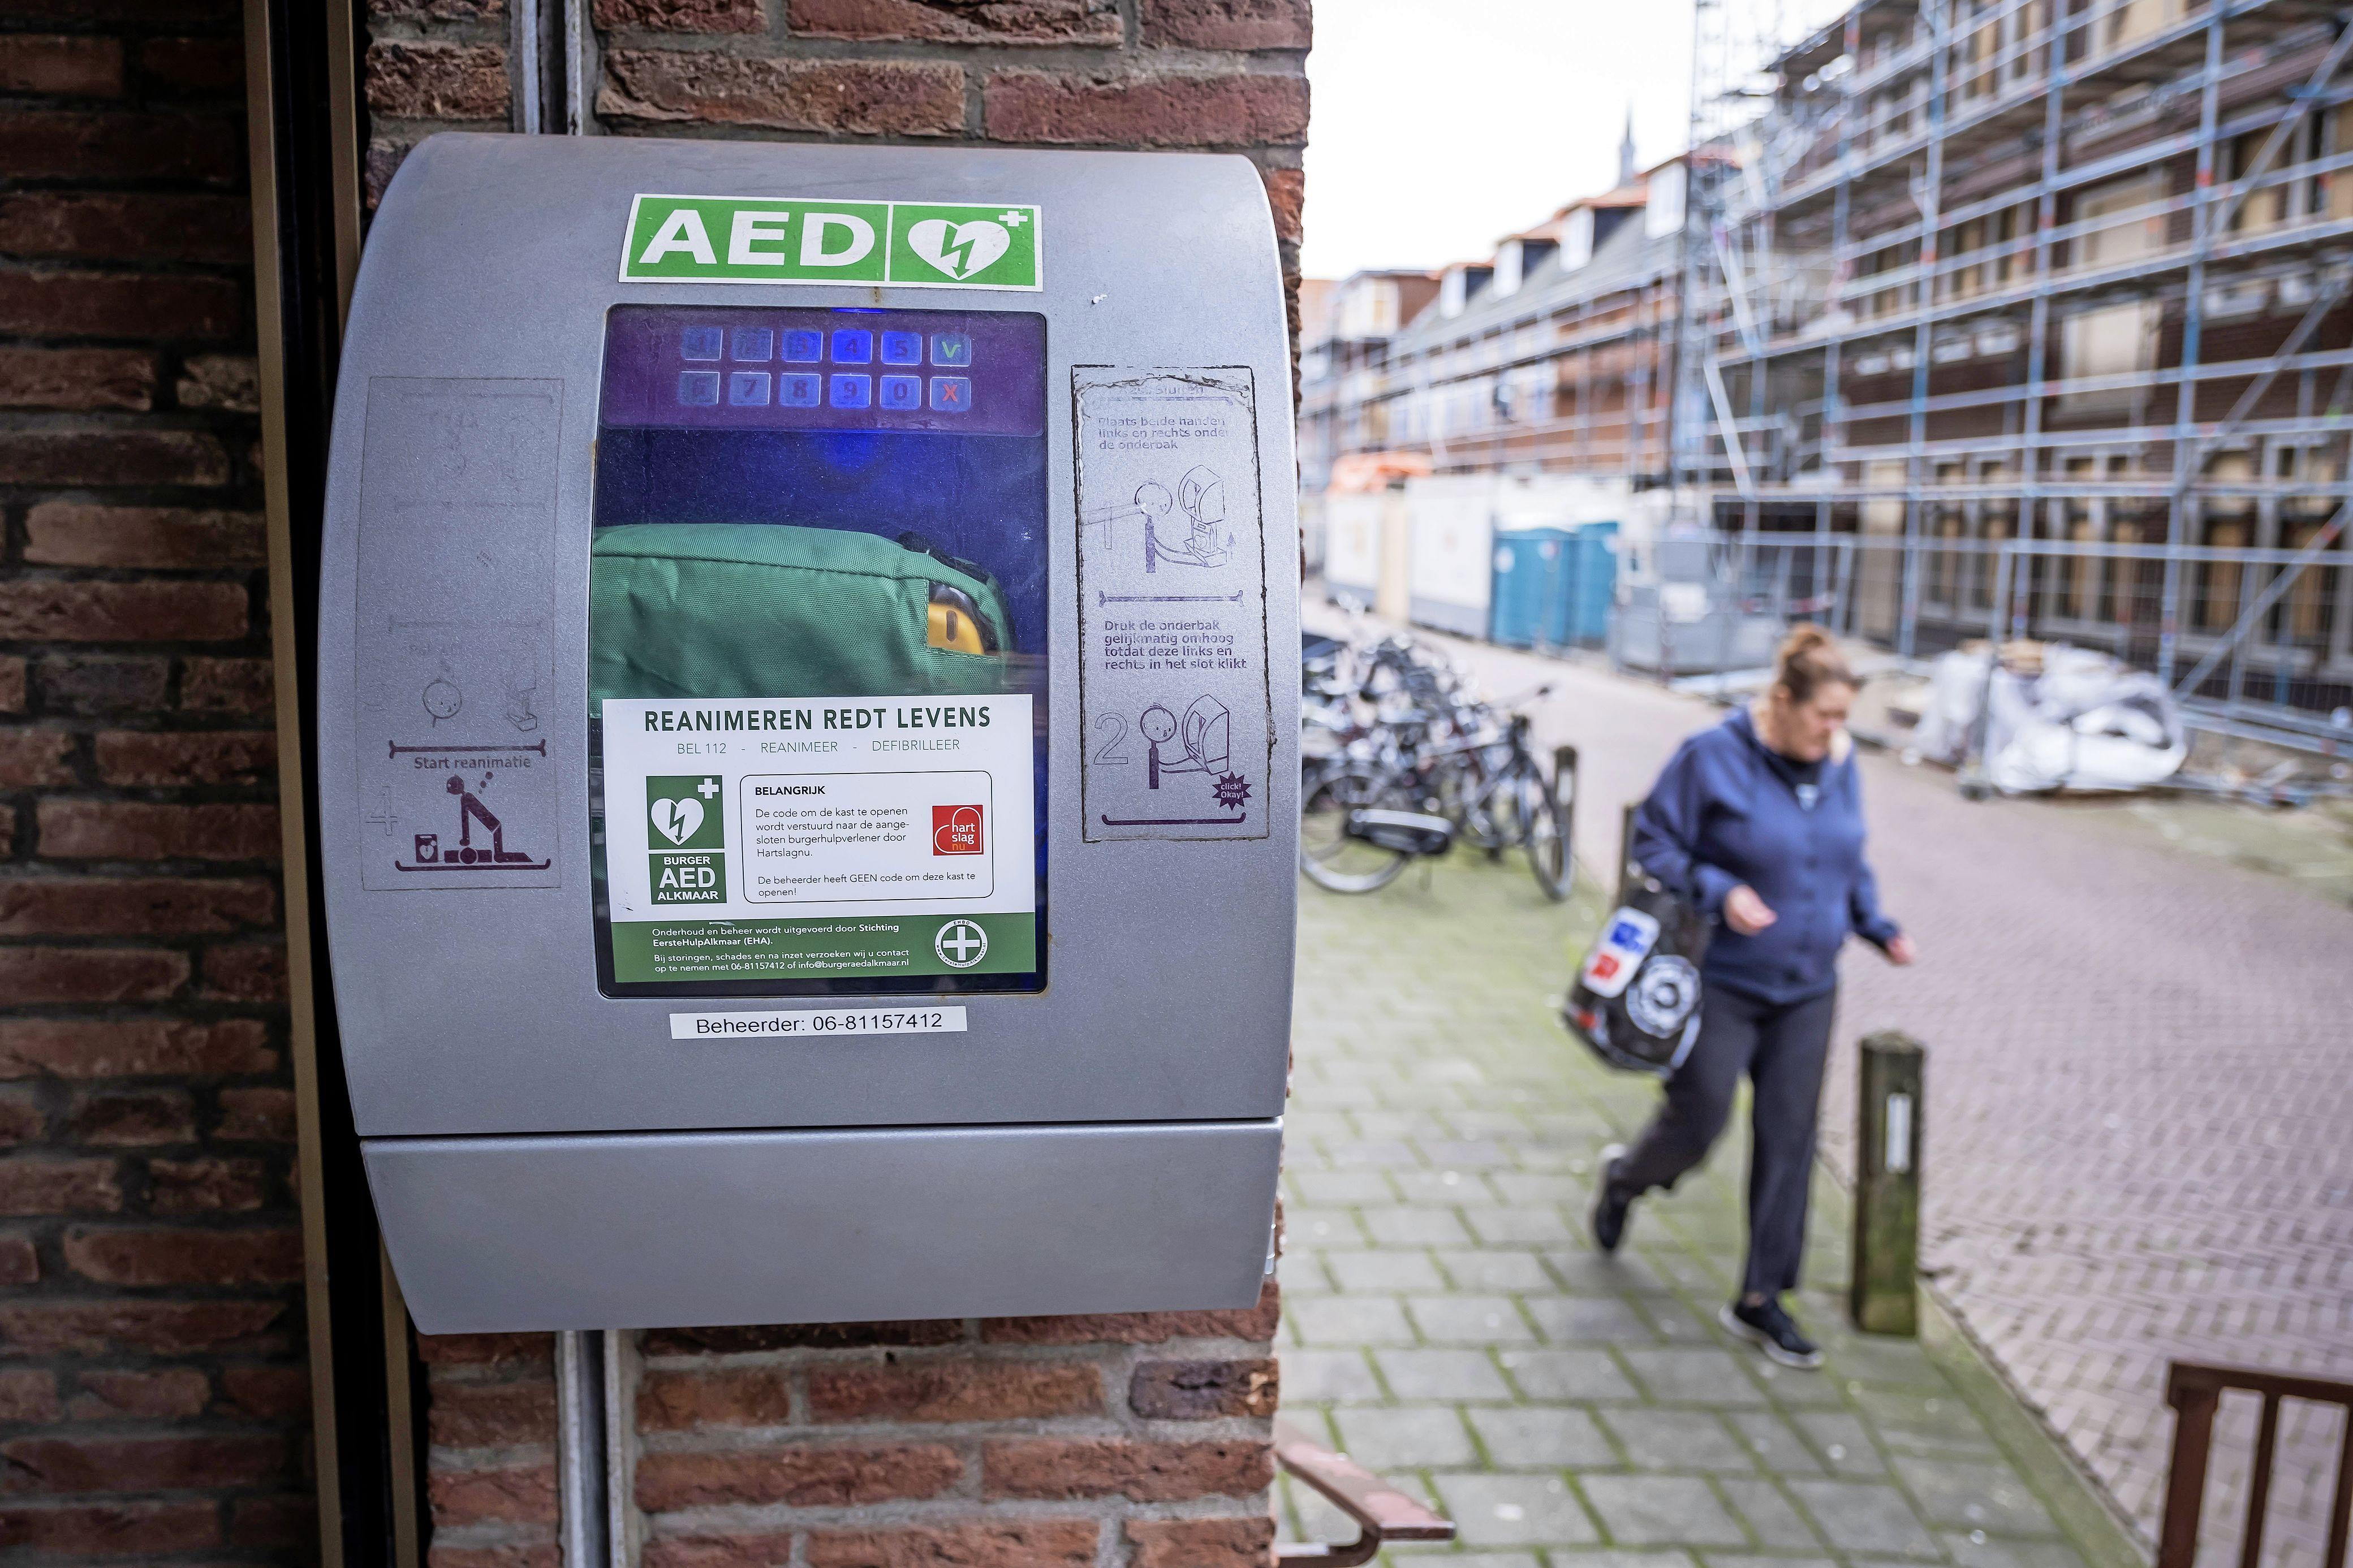 Wie steelt er nou een AED? 'Je hebt er niets aan, behalve dat je hem alvast op de hoek van de tafel hebt staan als er iets gebeurt'